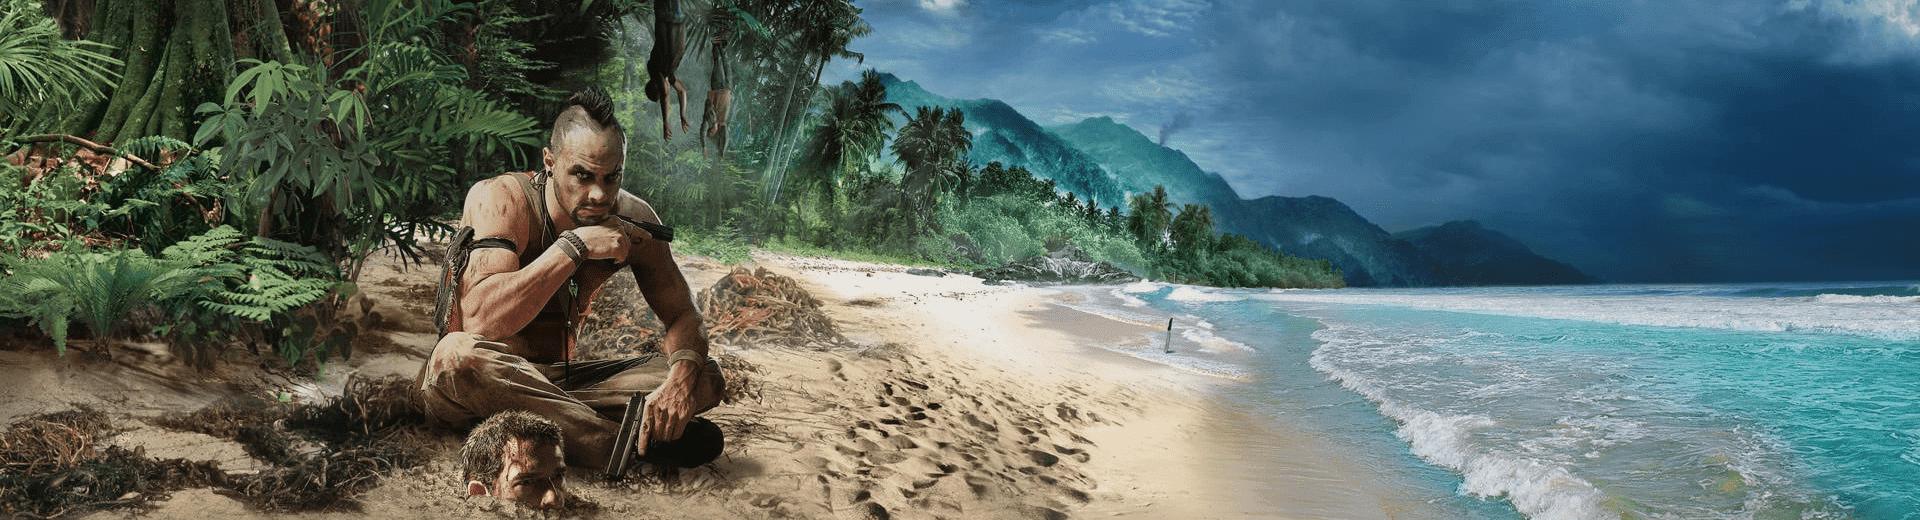 Far Cry 3: requisitos mínimos e recomendados no PC